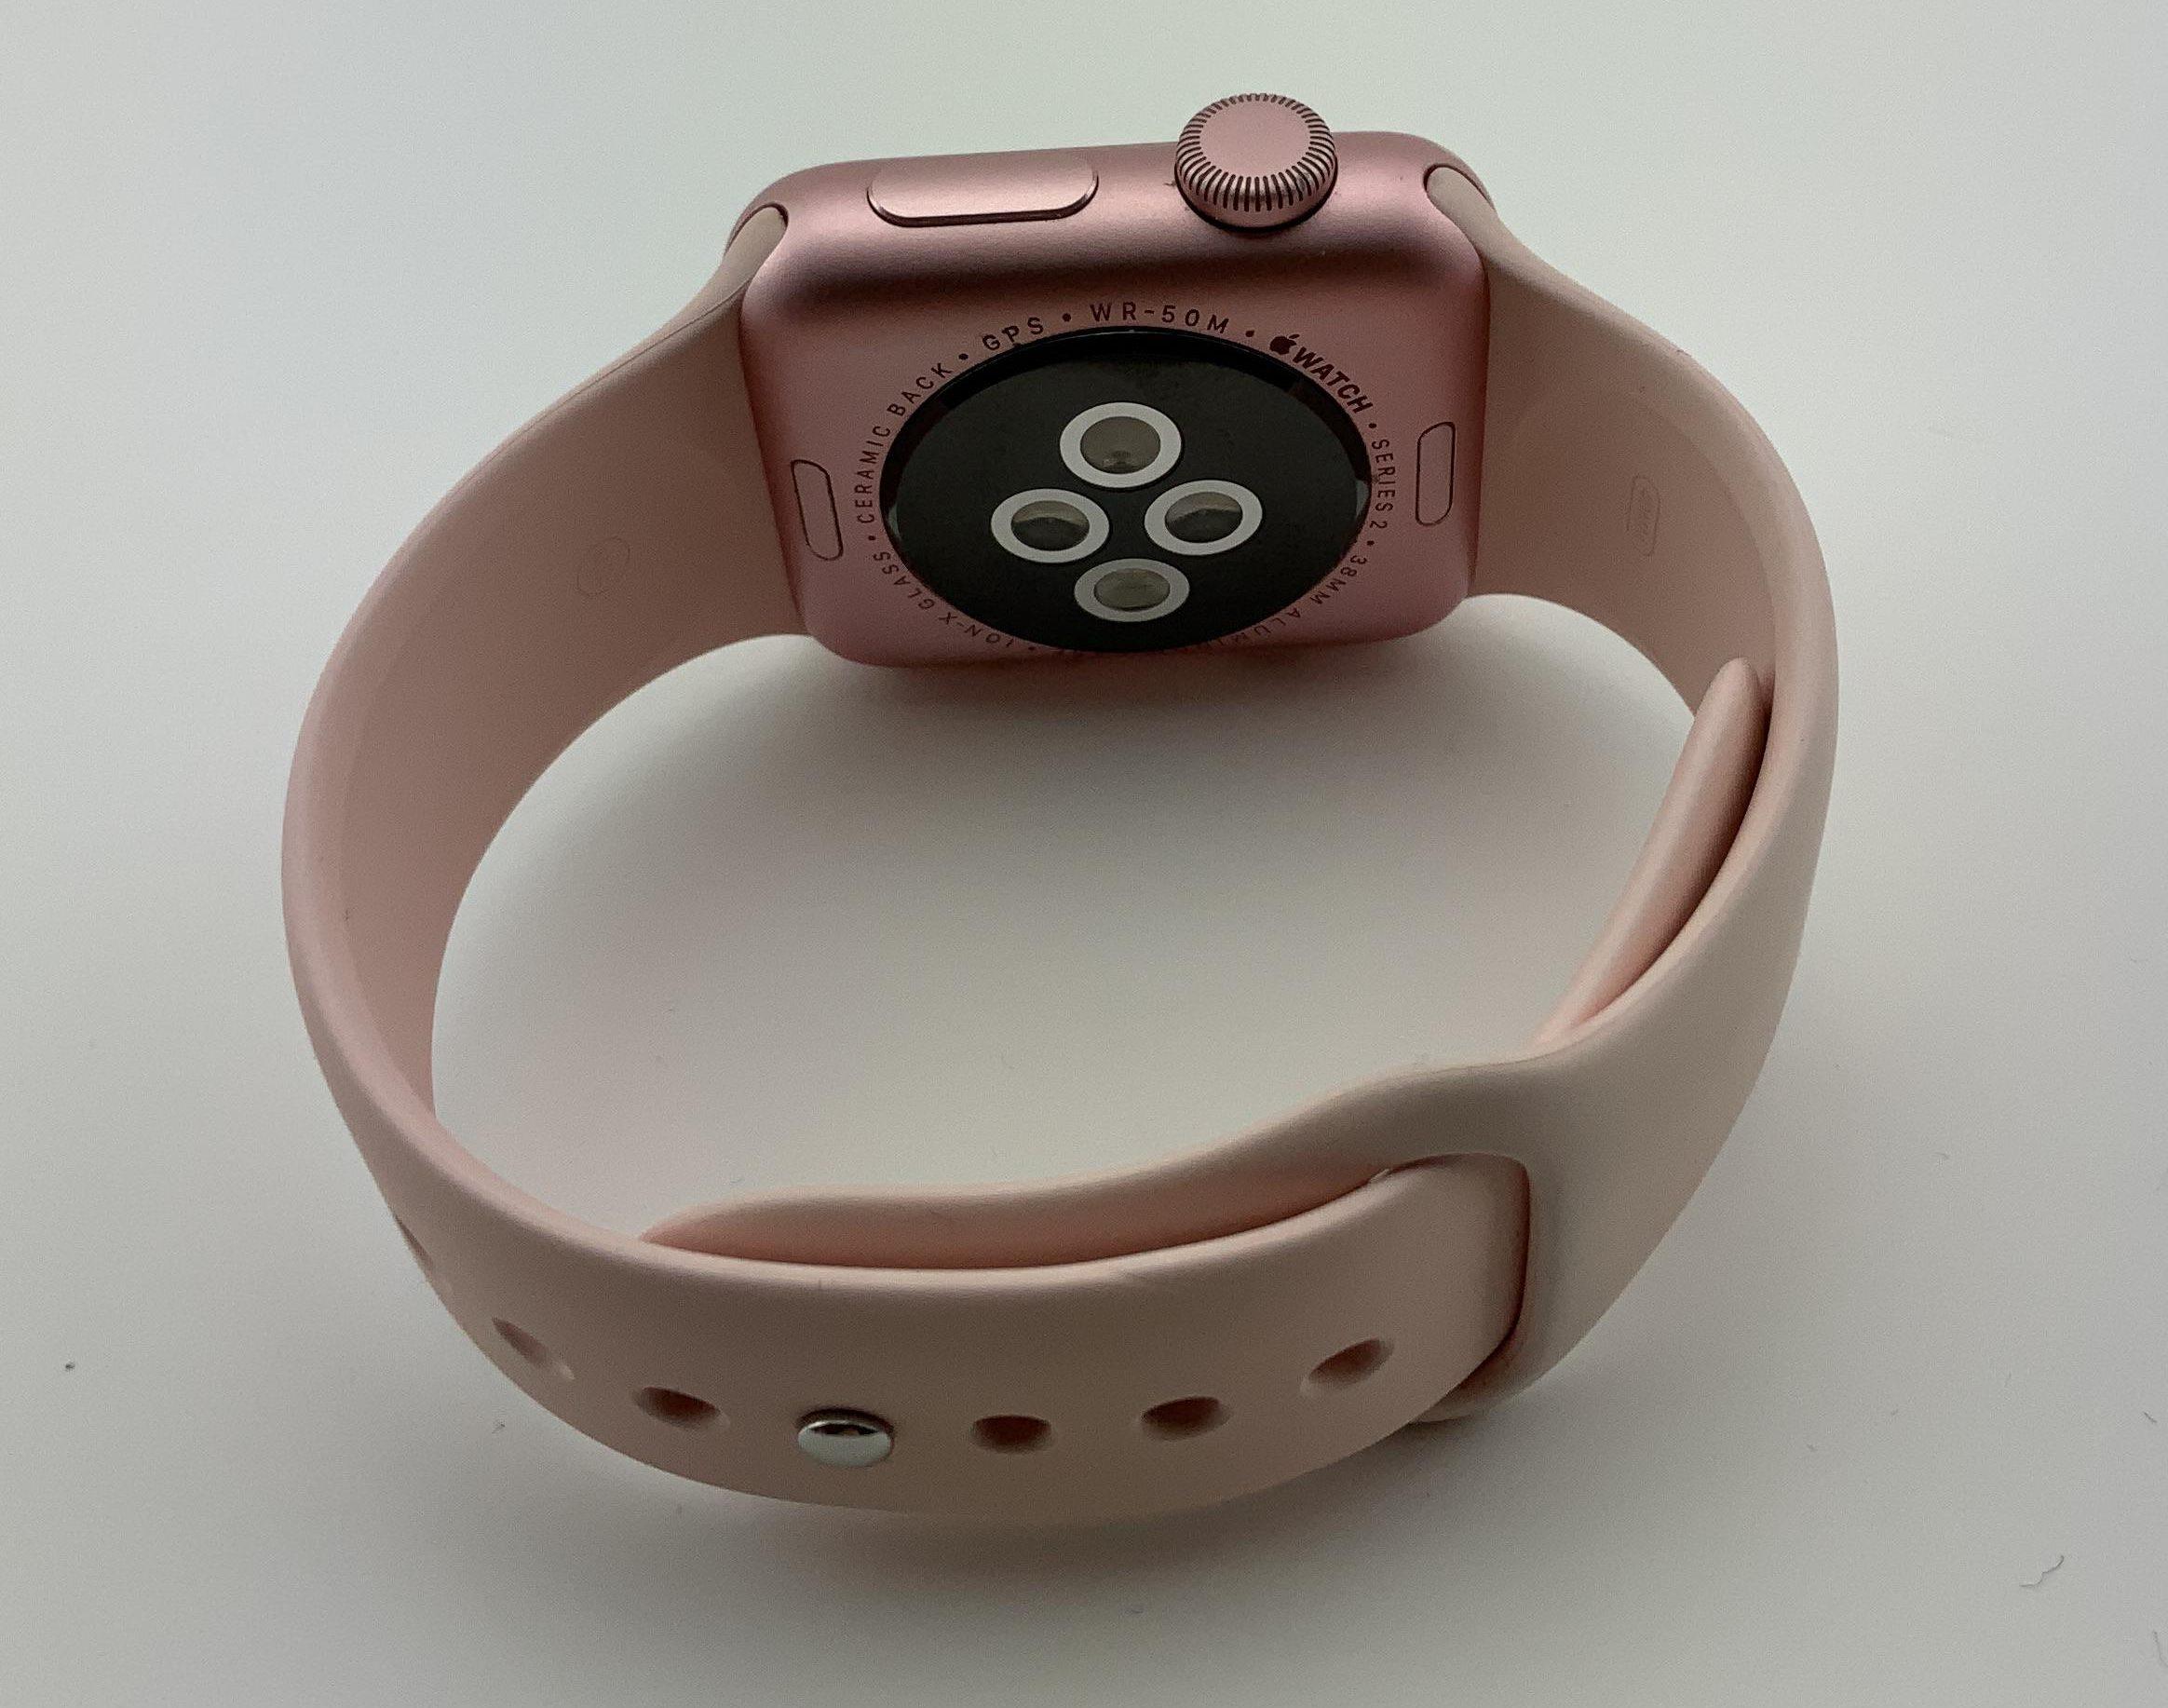 Watch Series 2 Aluminum (38mm), Rose Gold, Pink Sand Sport Band, Bild 3